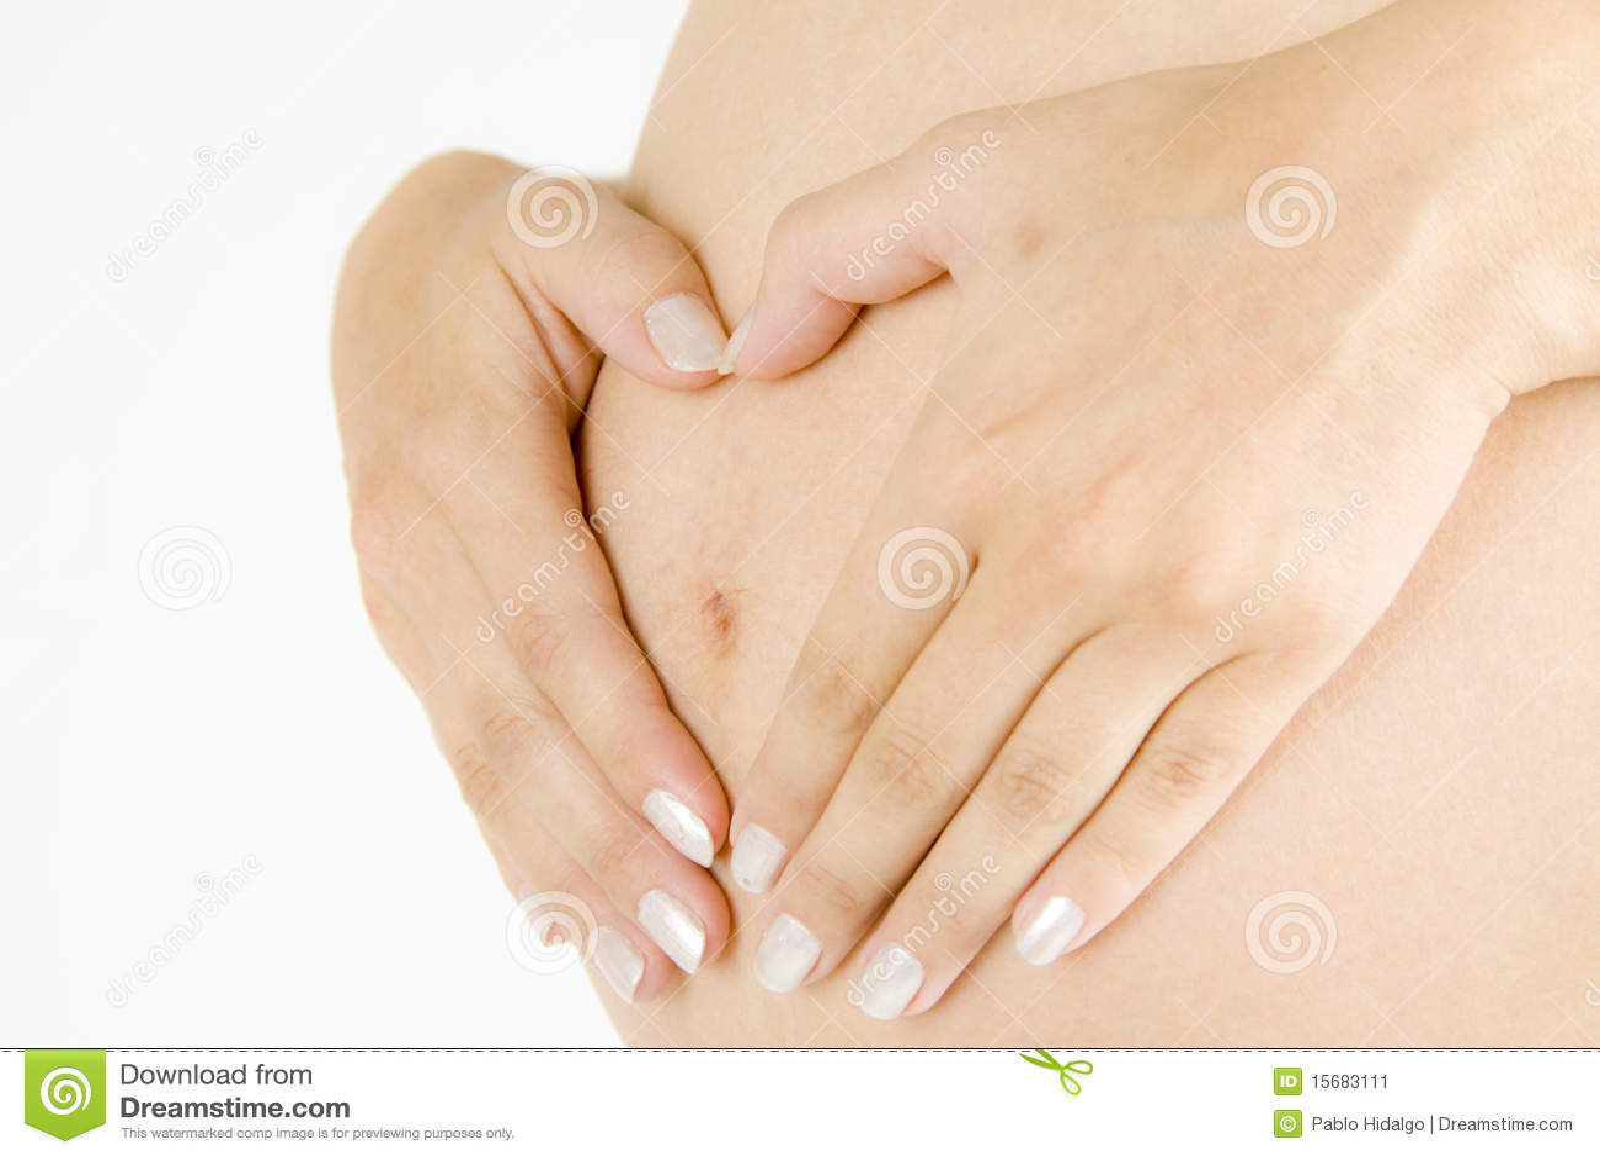 Madre embarazada con las manos en el vientre